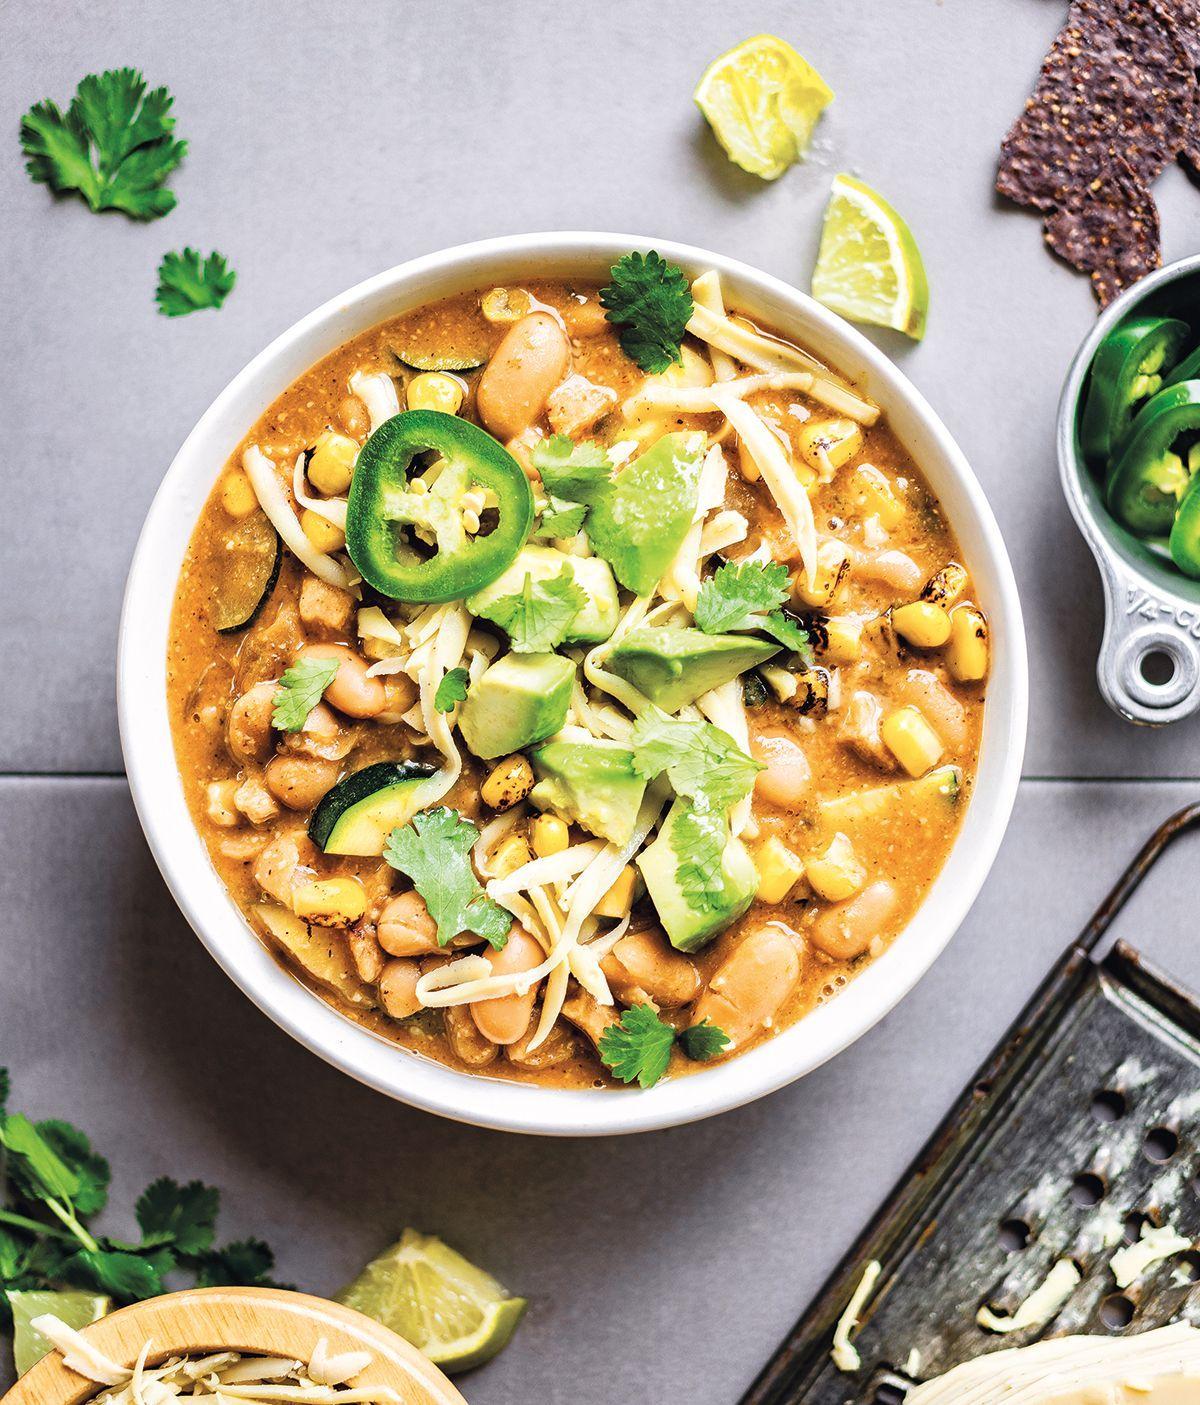 Totally Comforting White Bean Chicken Chili Recipe Hello Veggie Recipe In 2021 White Bean Chicken Chili Chicken Chili Recipe Chili Recipes